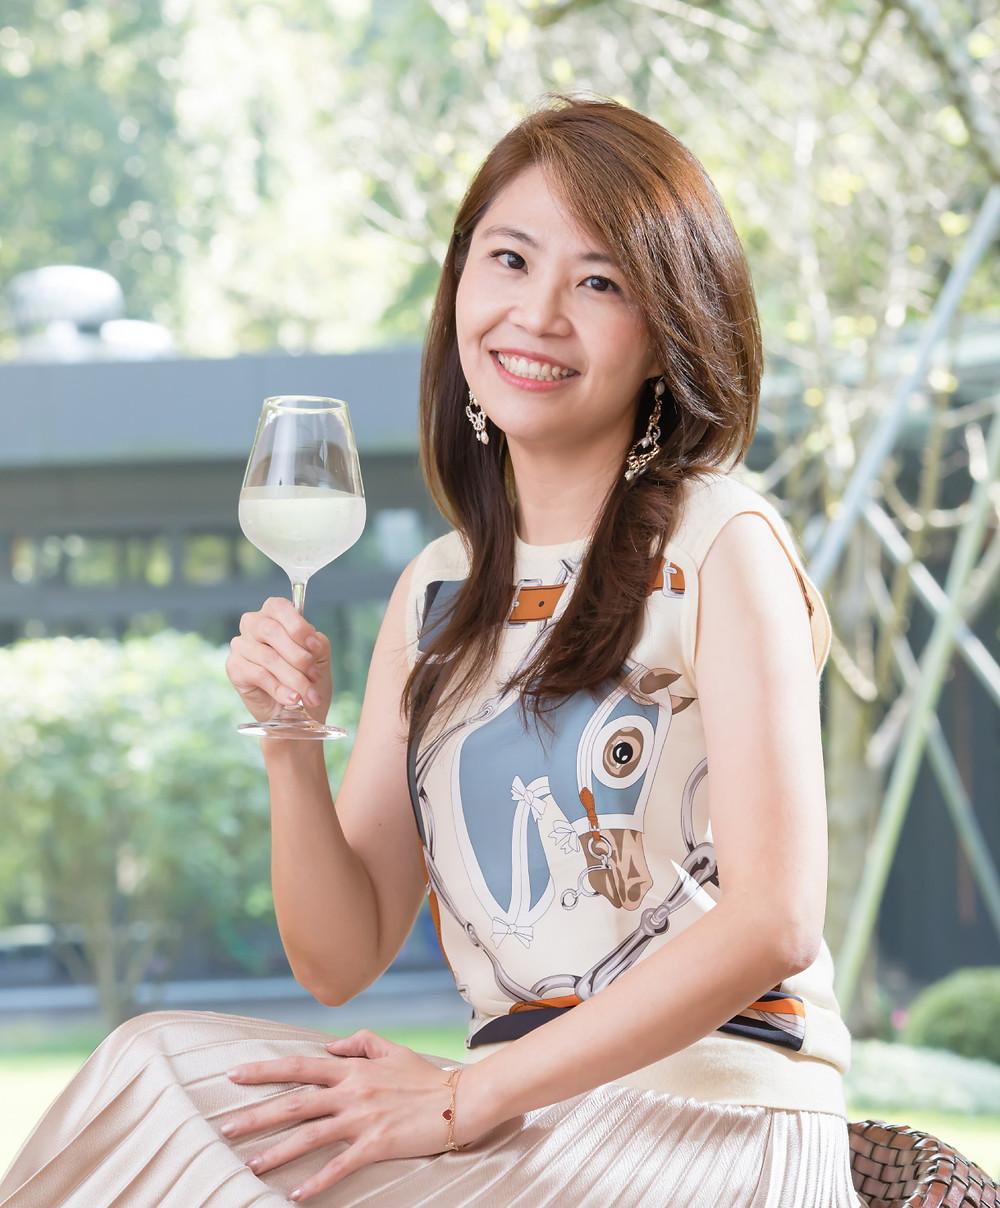 陳君潔Jessica Chen  德國杜門斯學院國際認證品水師